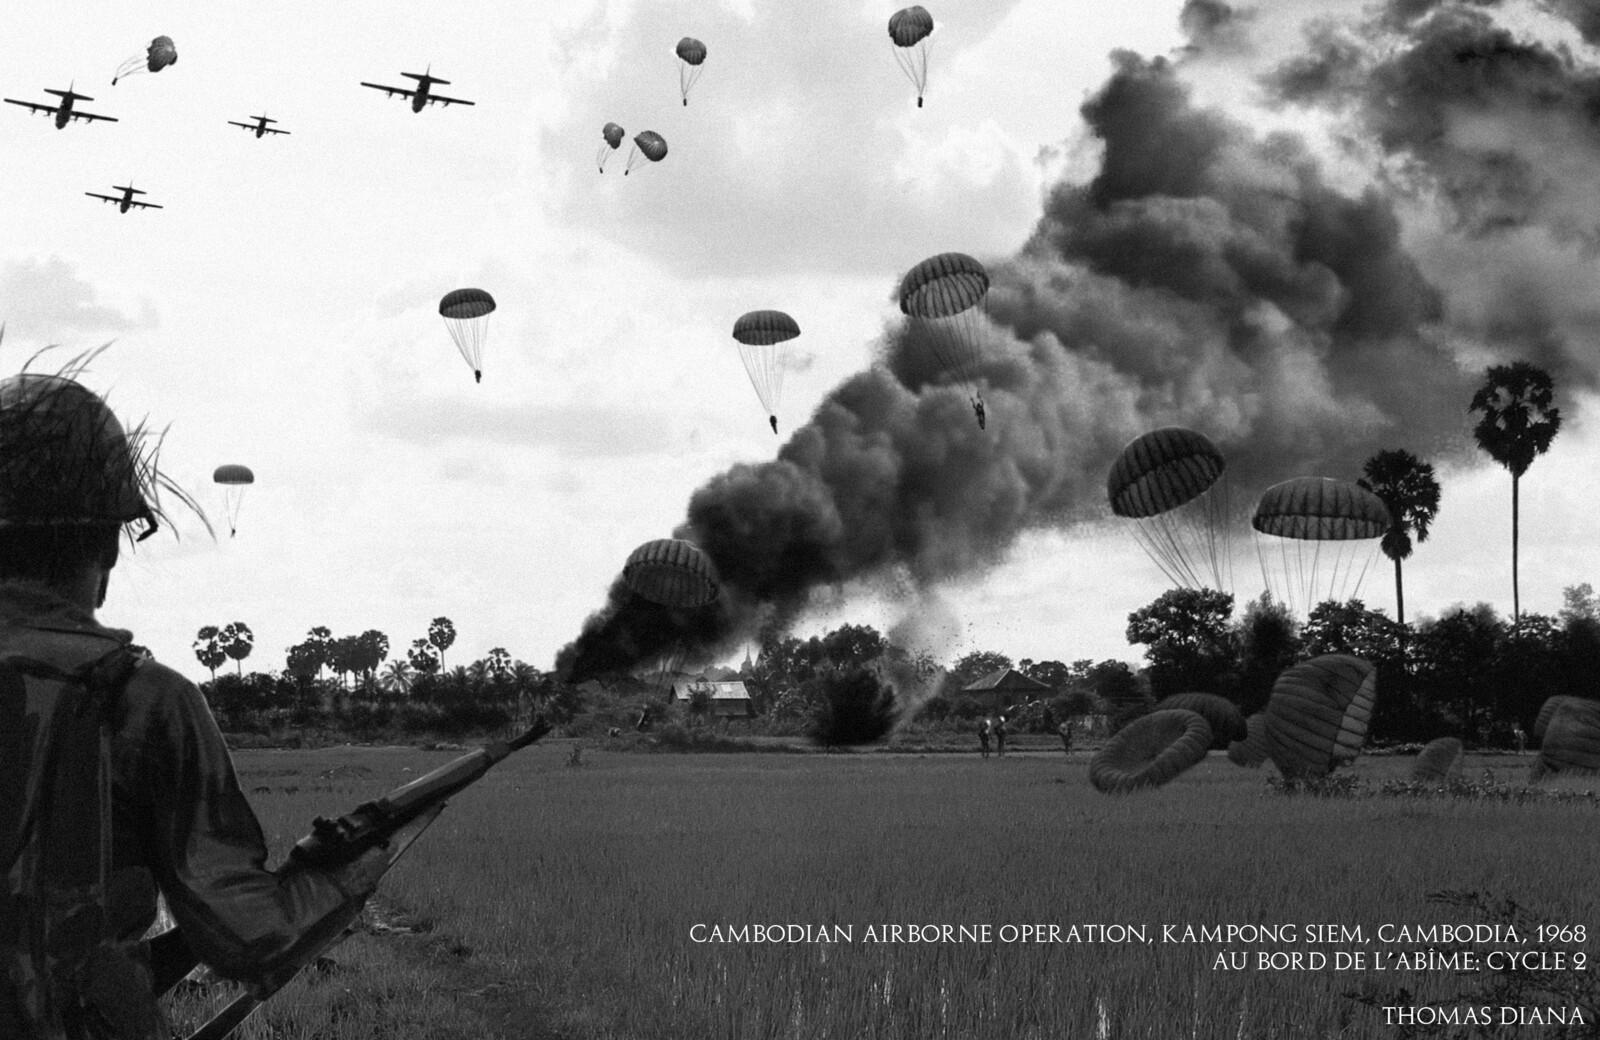 Battle of Kampong Siem